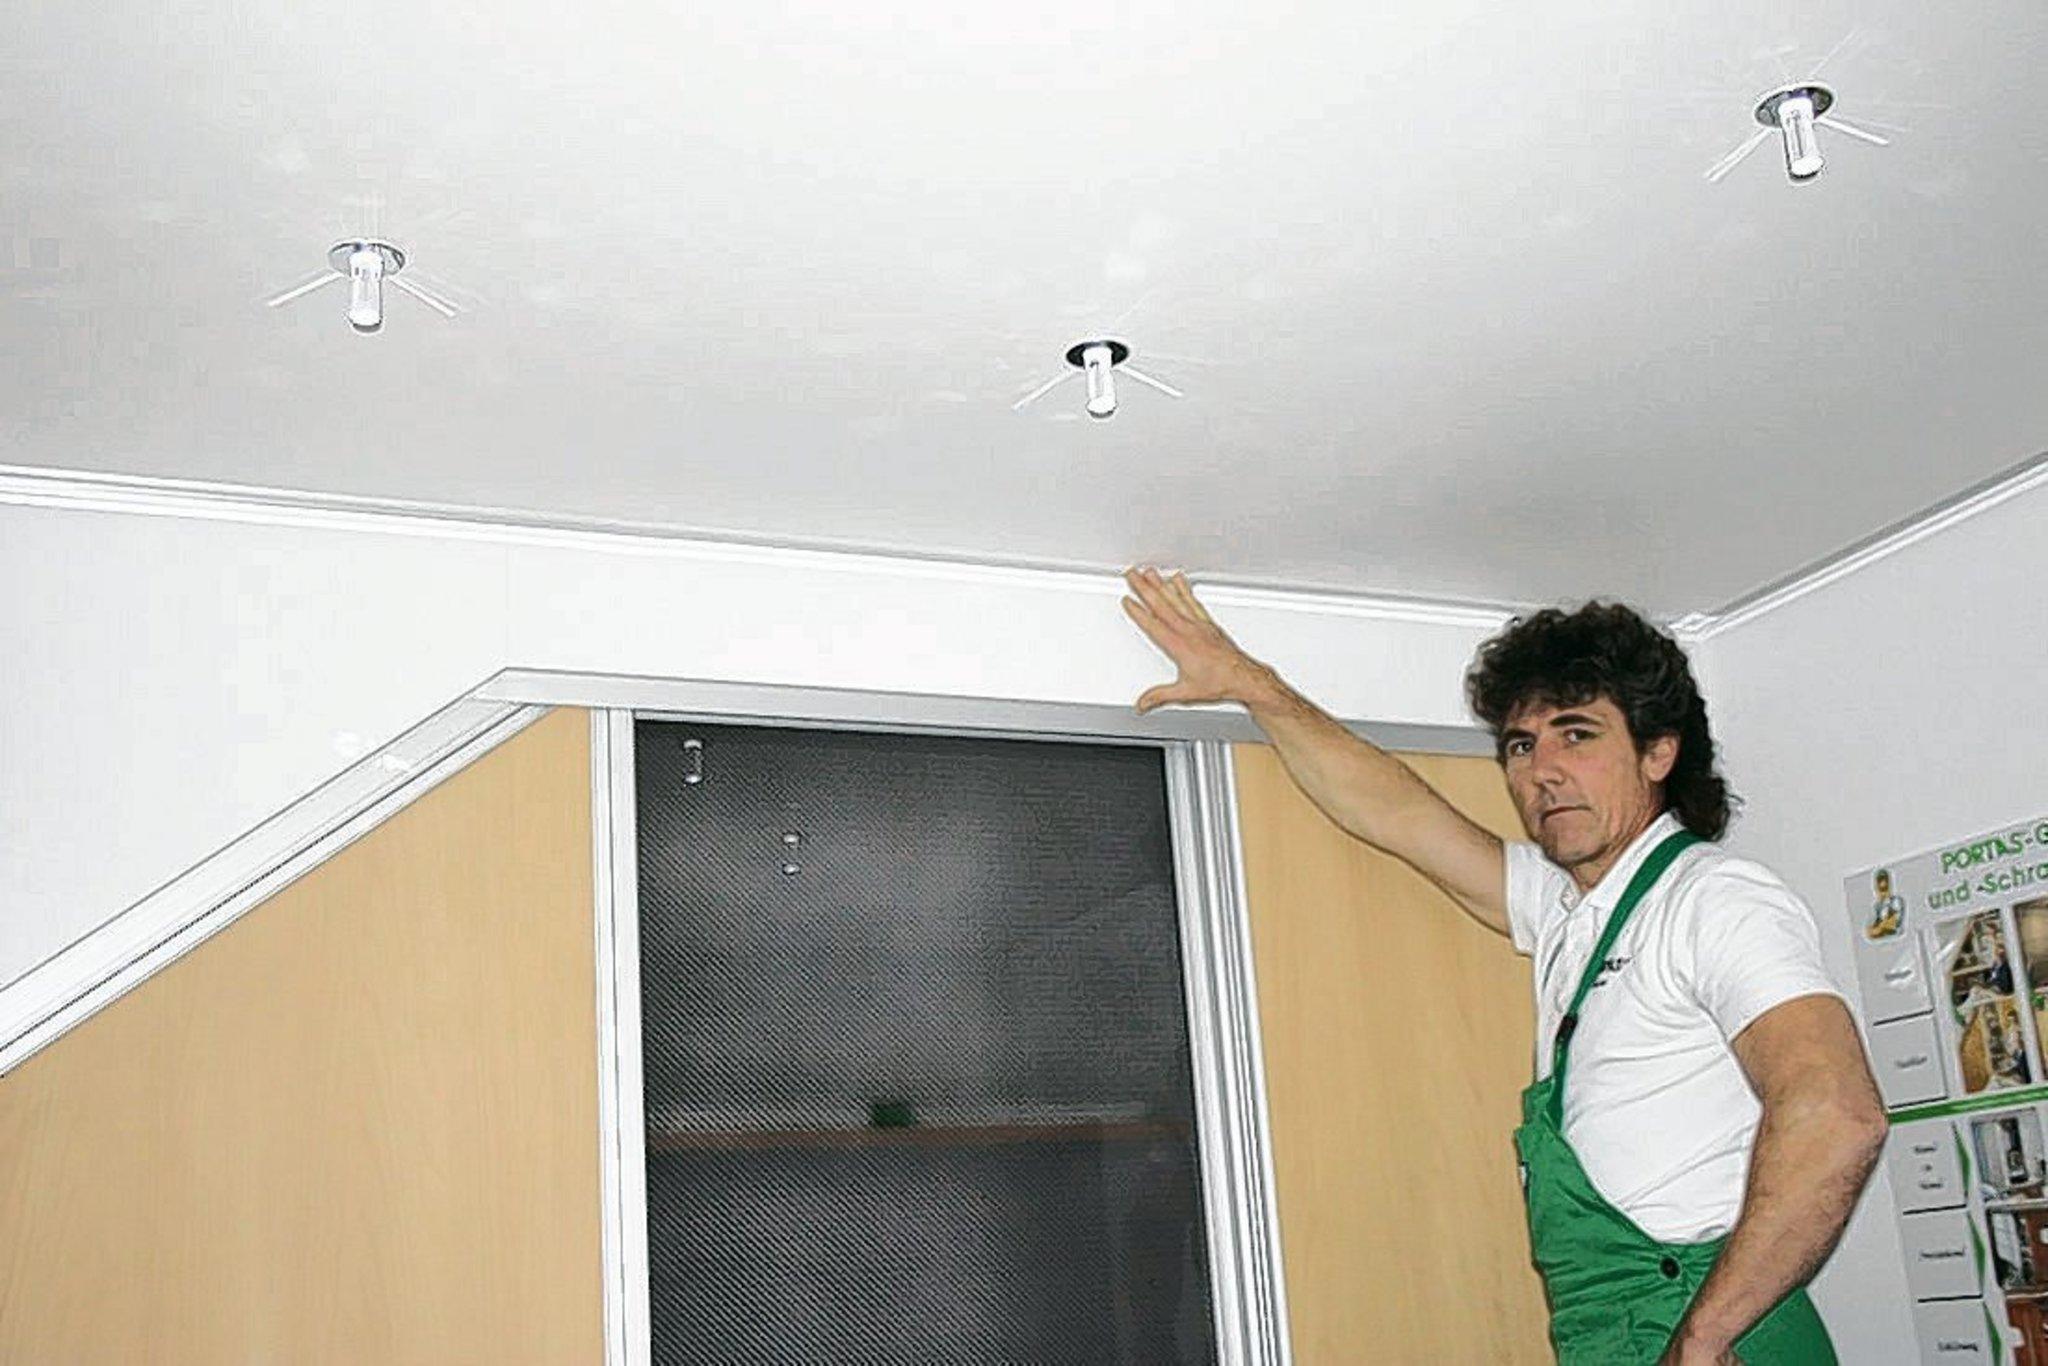 renovieren statt rausreißen - müggelheim